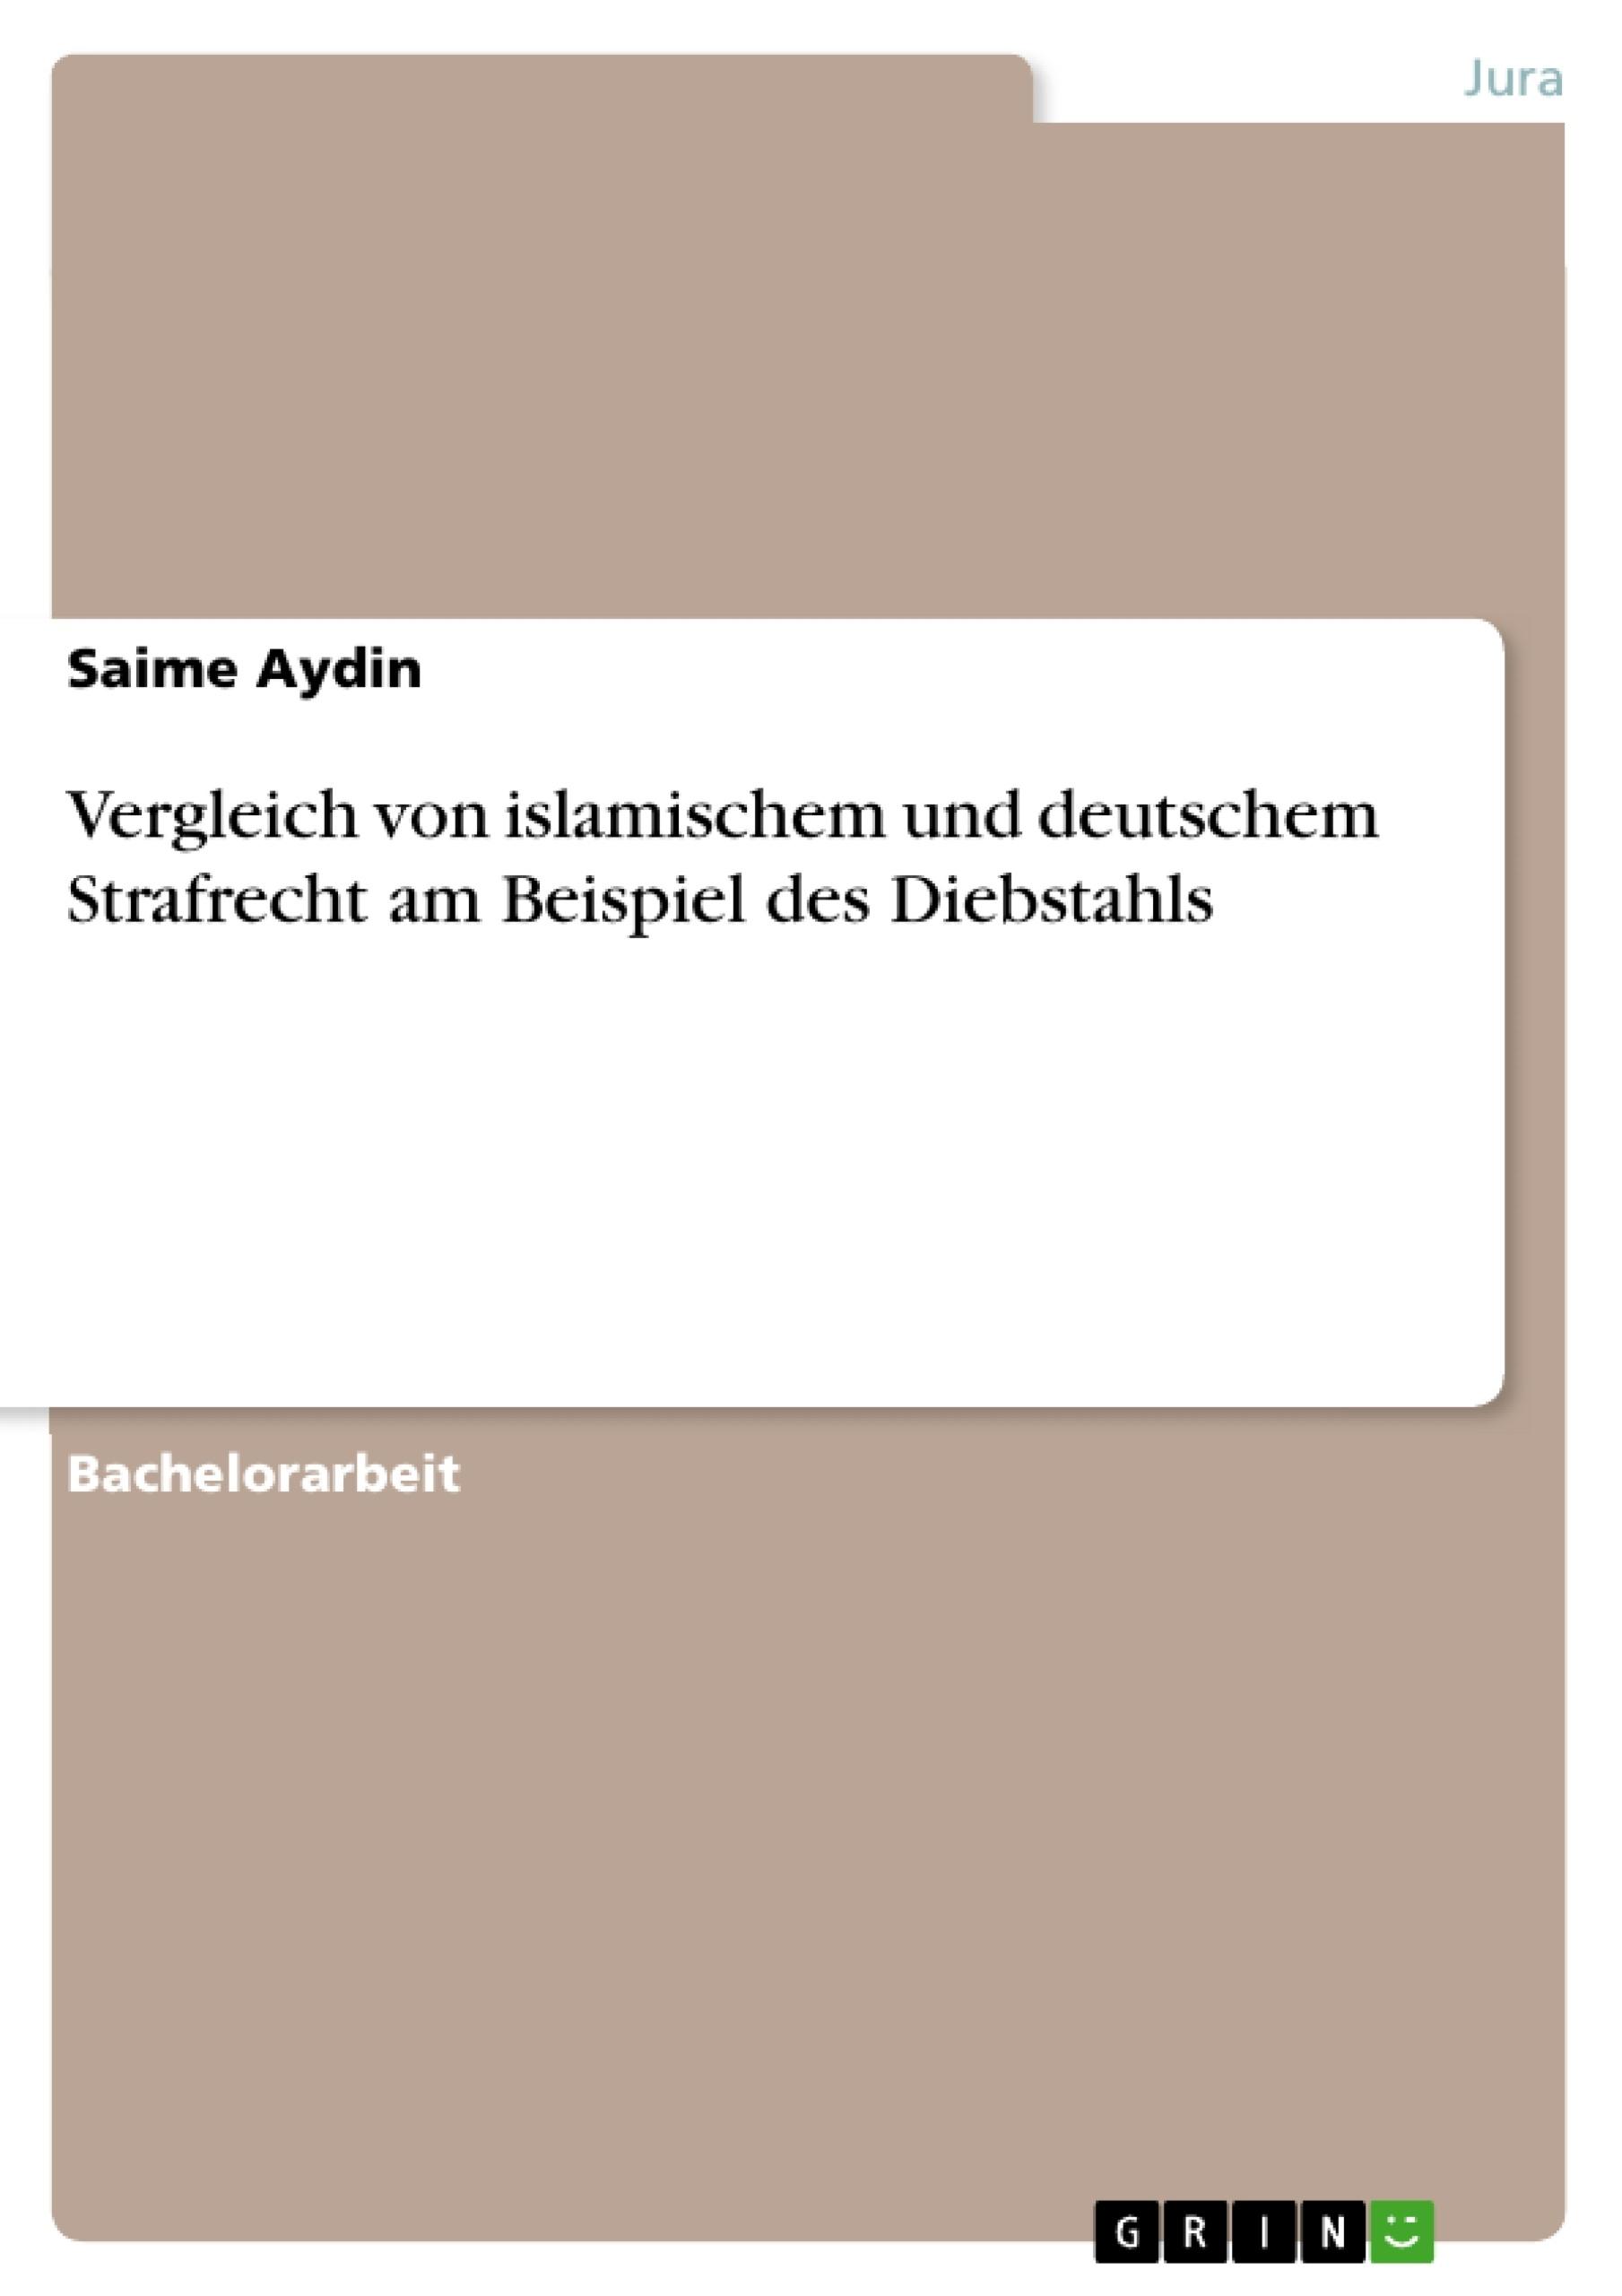 Titel: Vergleich von islamischem und deutschem Strafrecht am Beispiel des Diebstahls